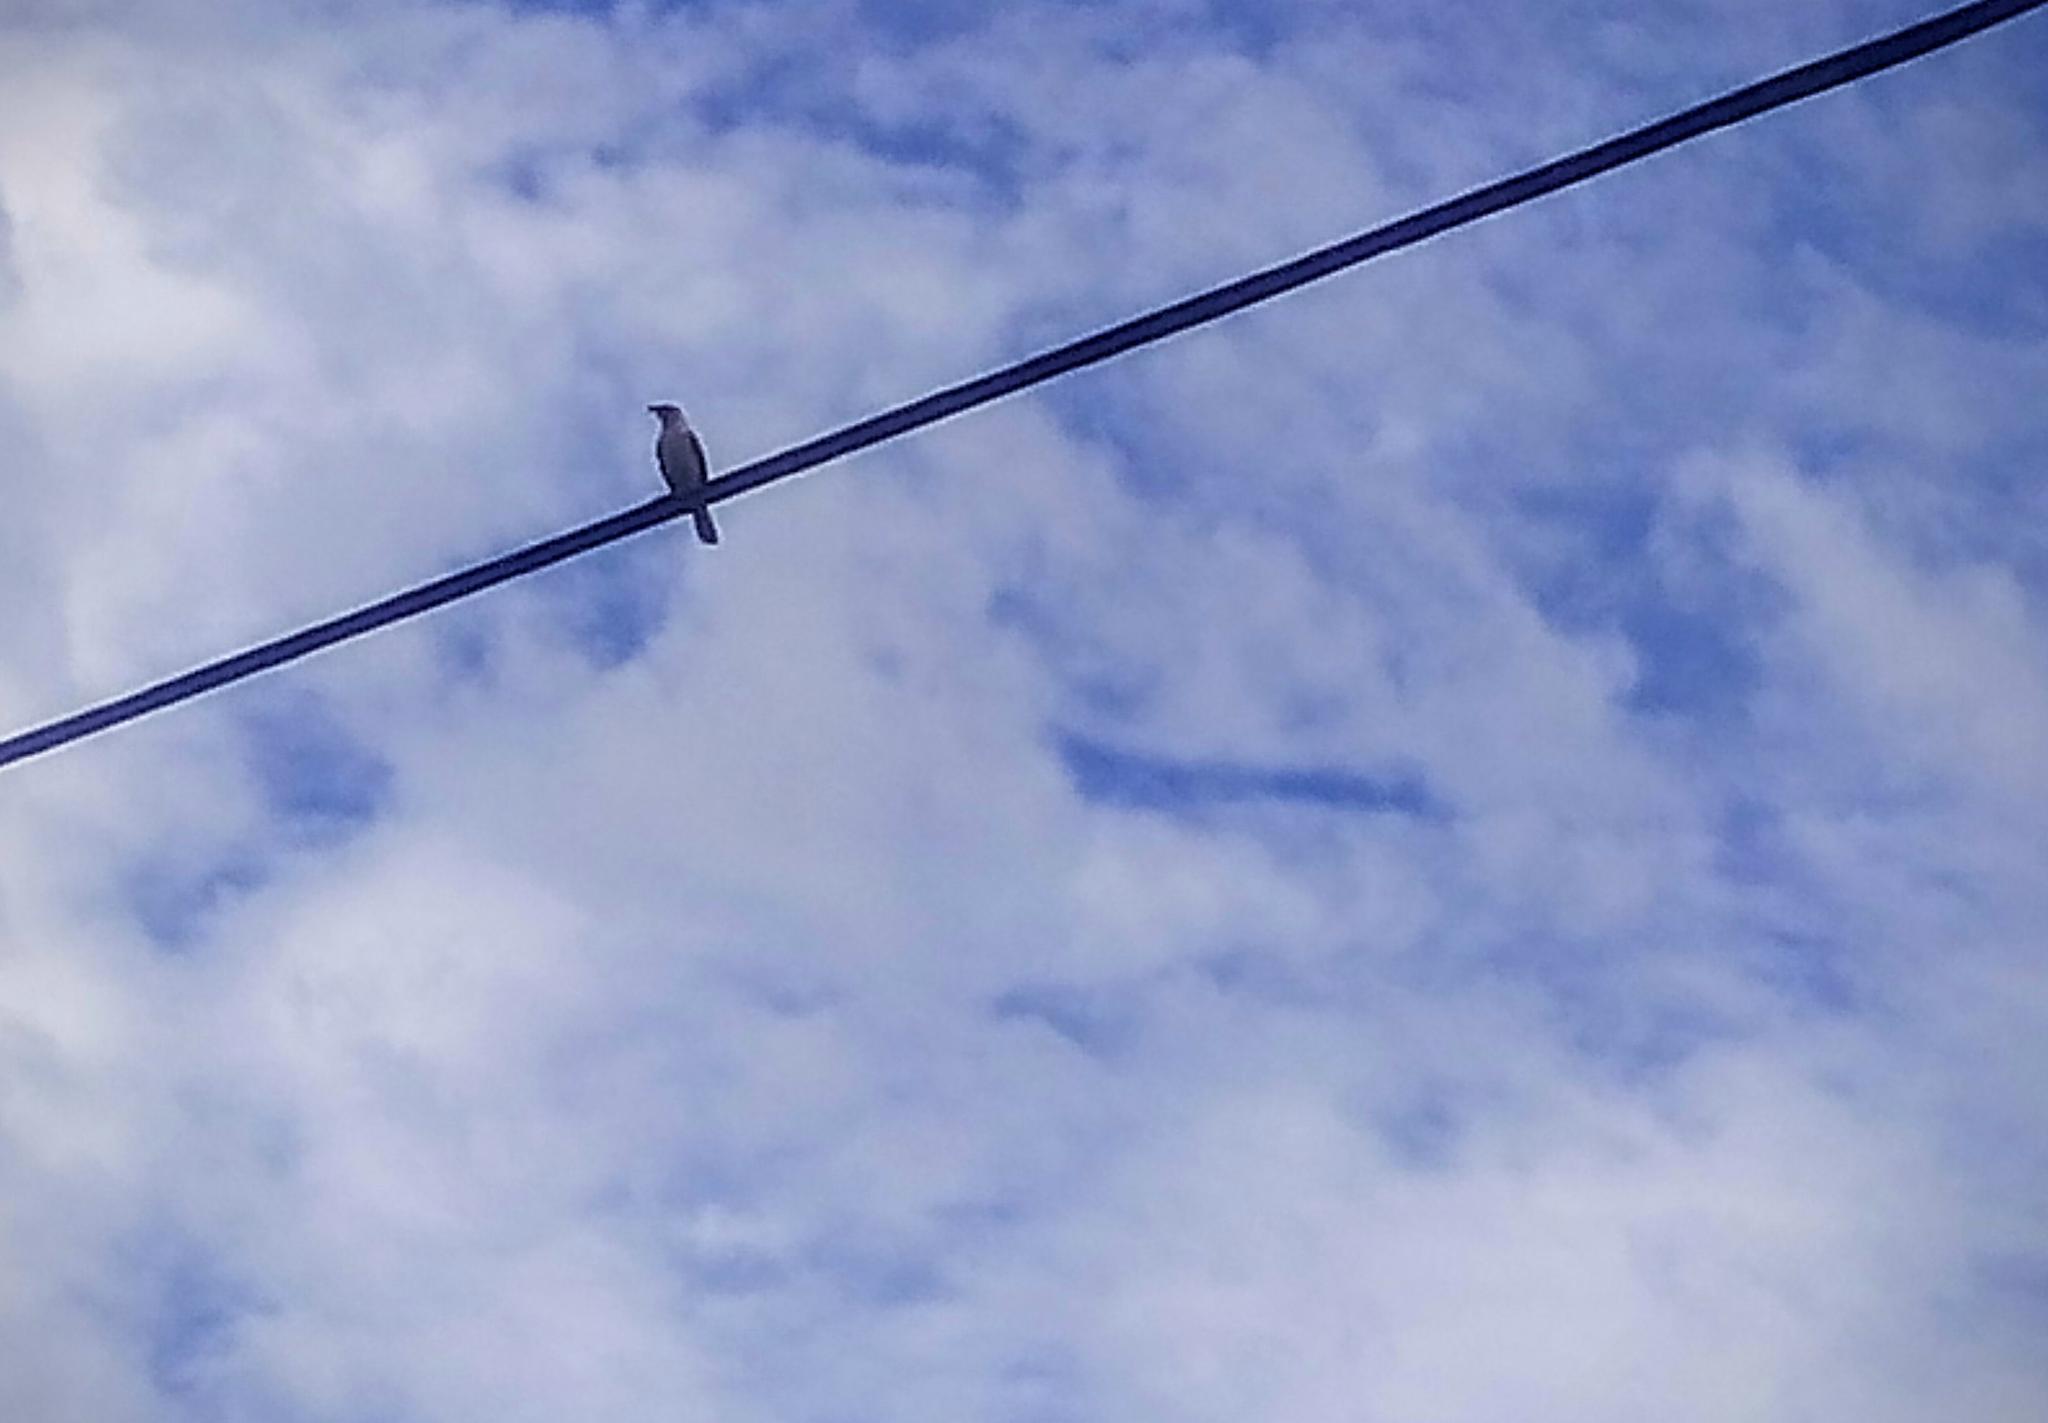 Bird on a wire by arisutton